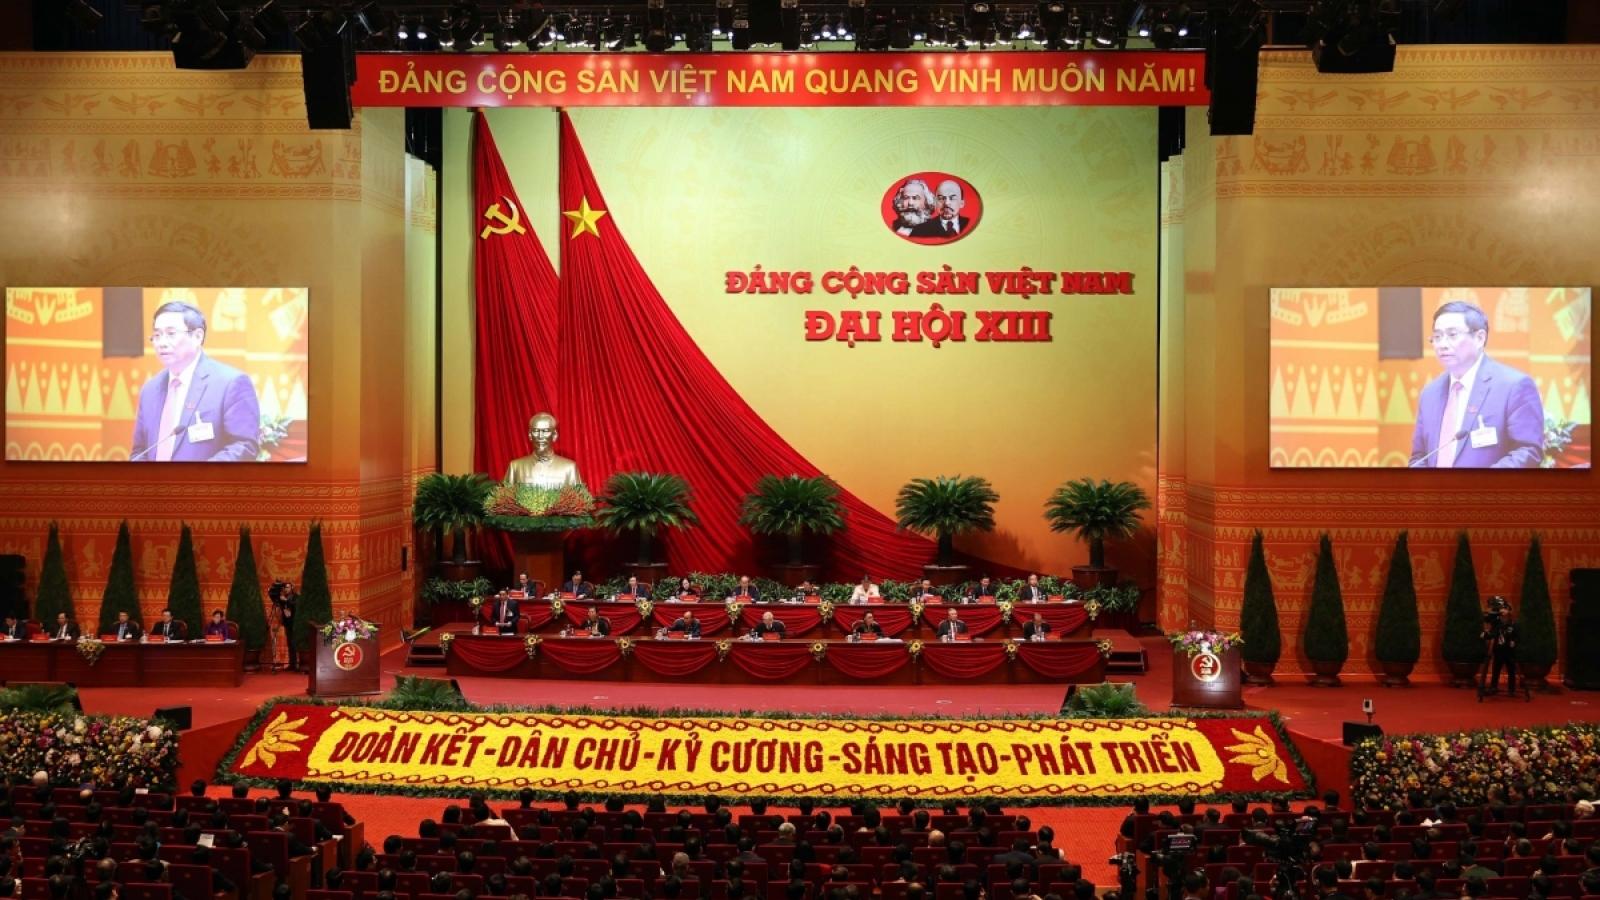 Bạn bè quốc tế tiếp tục gửi điện mừng và đánh giá cao ĐCS Việt Nam